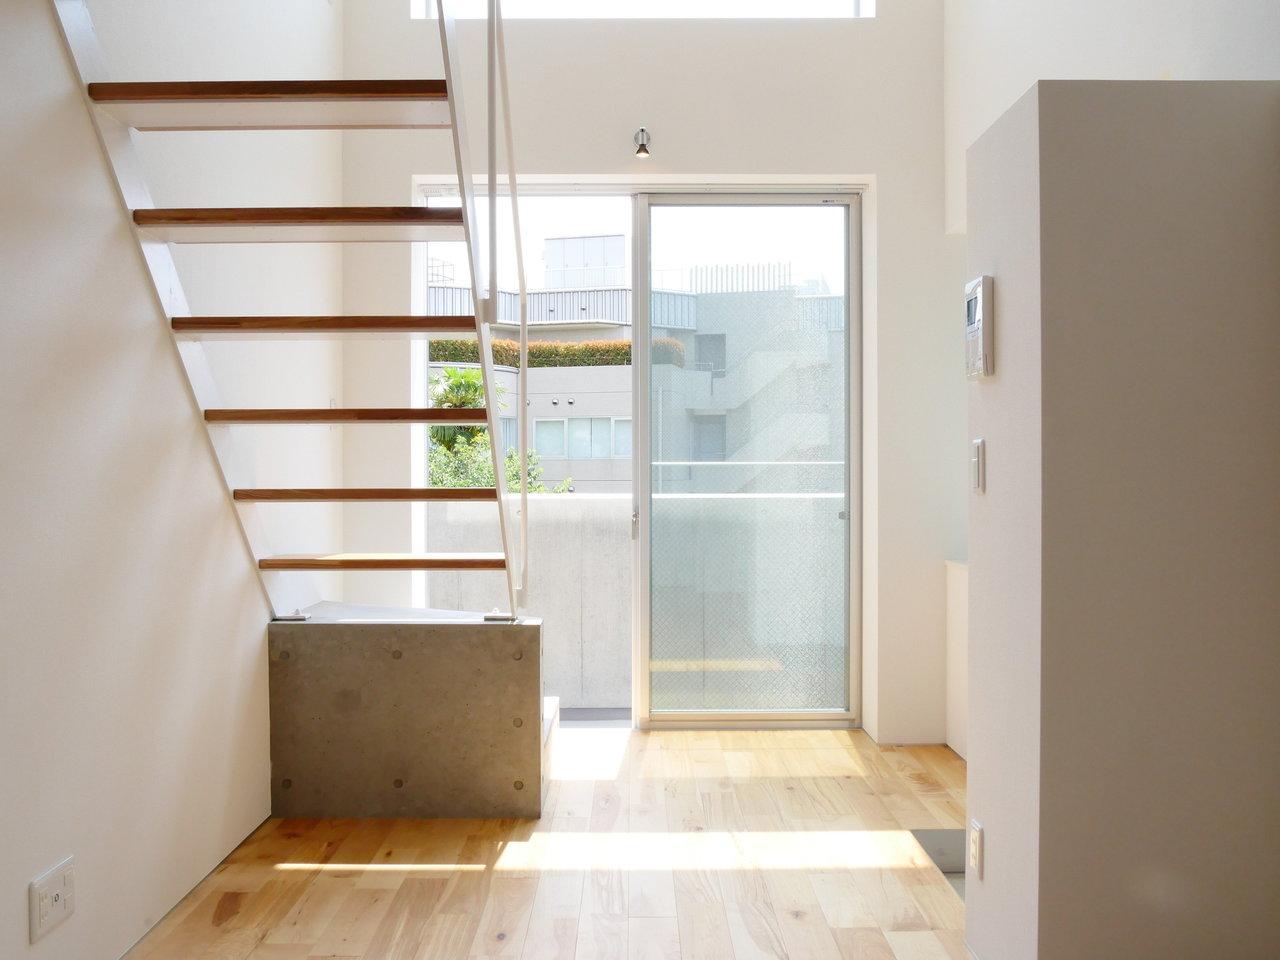 最後は憧れの代官山ライフが送れる1LDKのお部屋。階段がフロアをつなぐ、スキップフロアタイプのお部屋です。